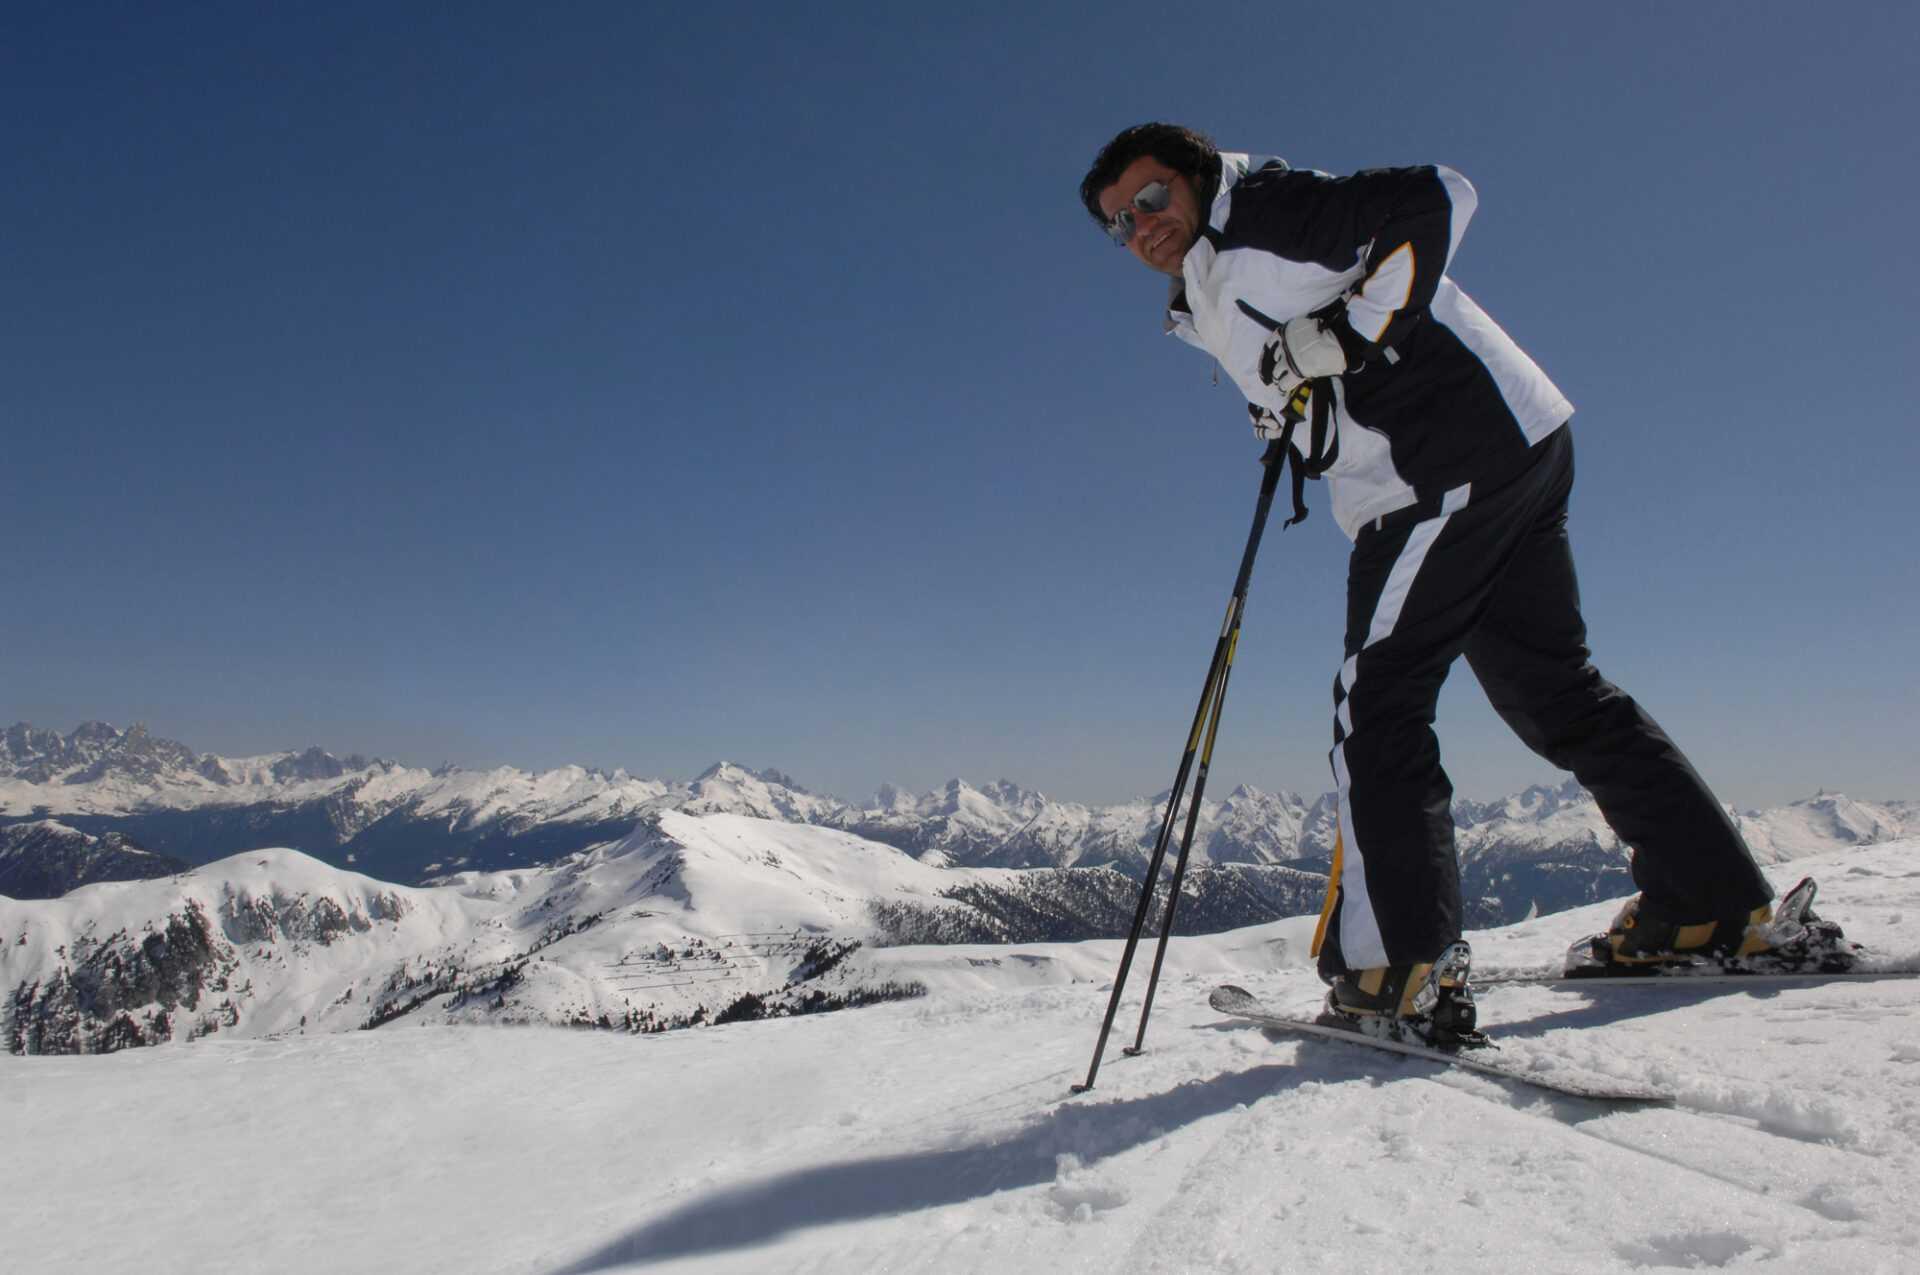 Eurosport punta su Alberto Tomba e Didier Cuche per i Mondiali FIS di Sci Alpino 2013 | Digitale terrestre: Dtti.it